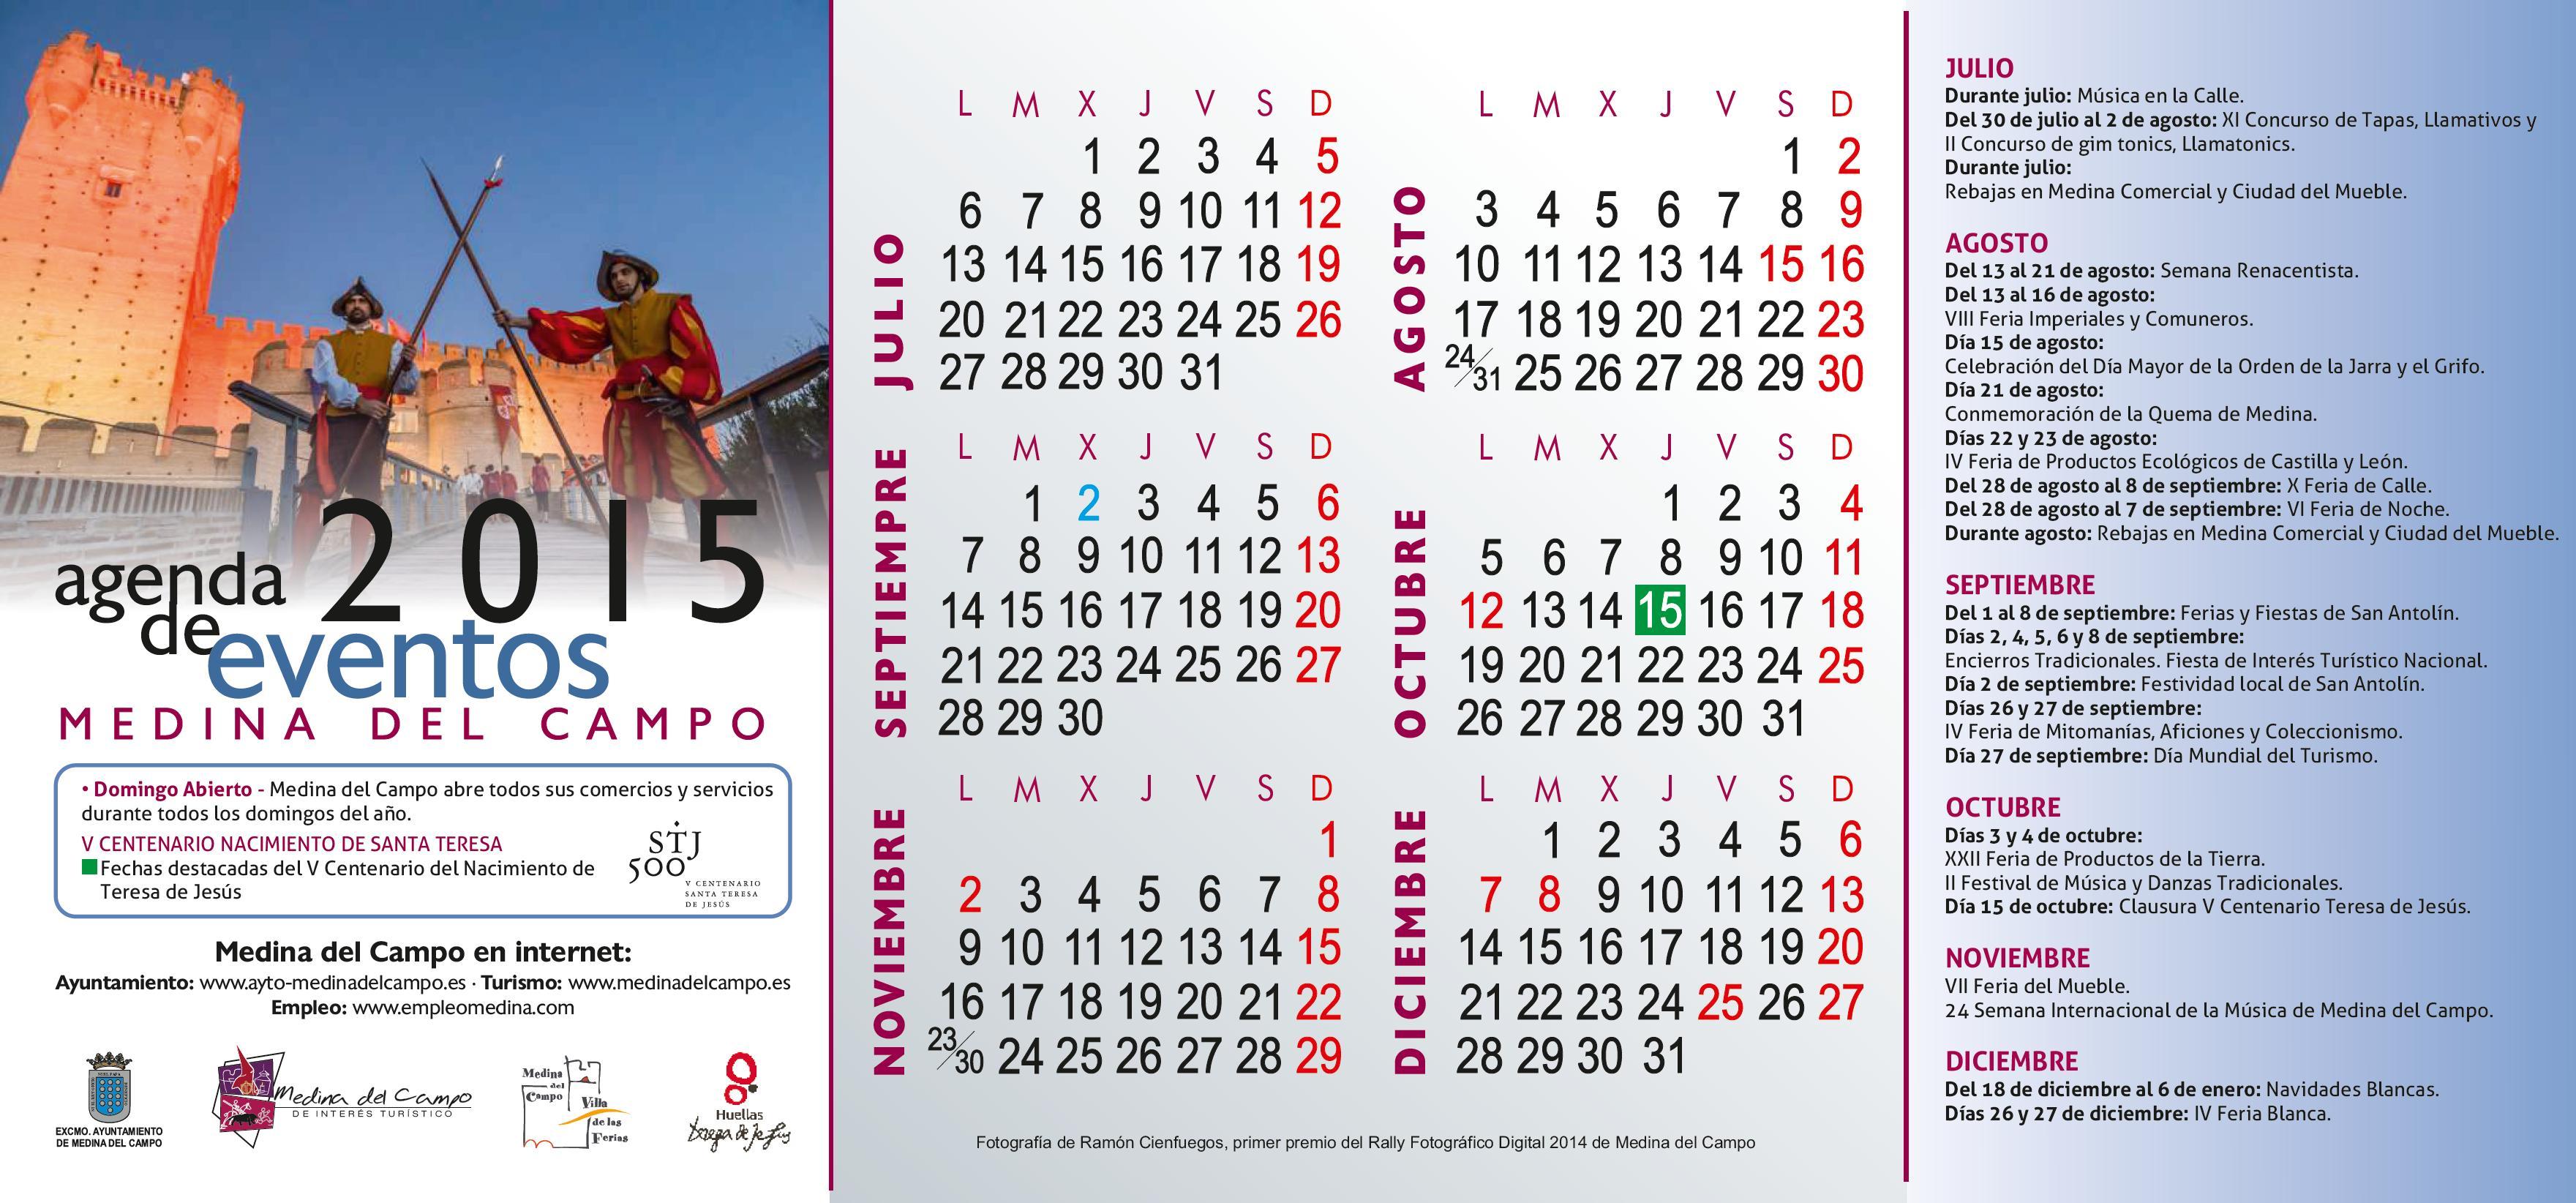 Agenda Eventos jul-dic 2015 Medina del Campo